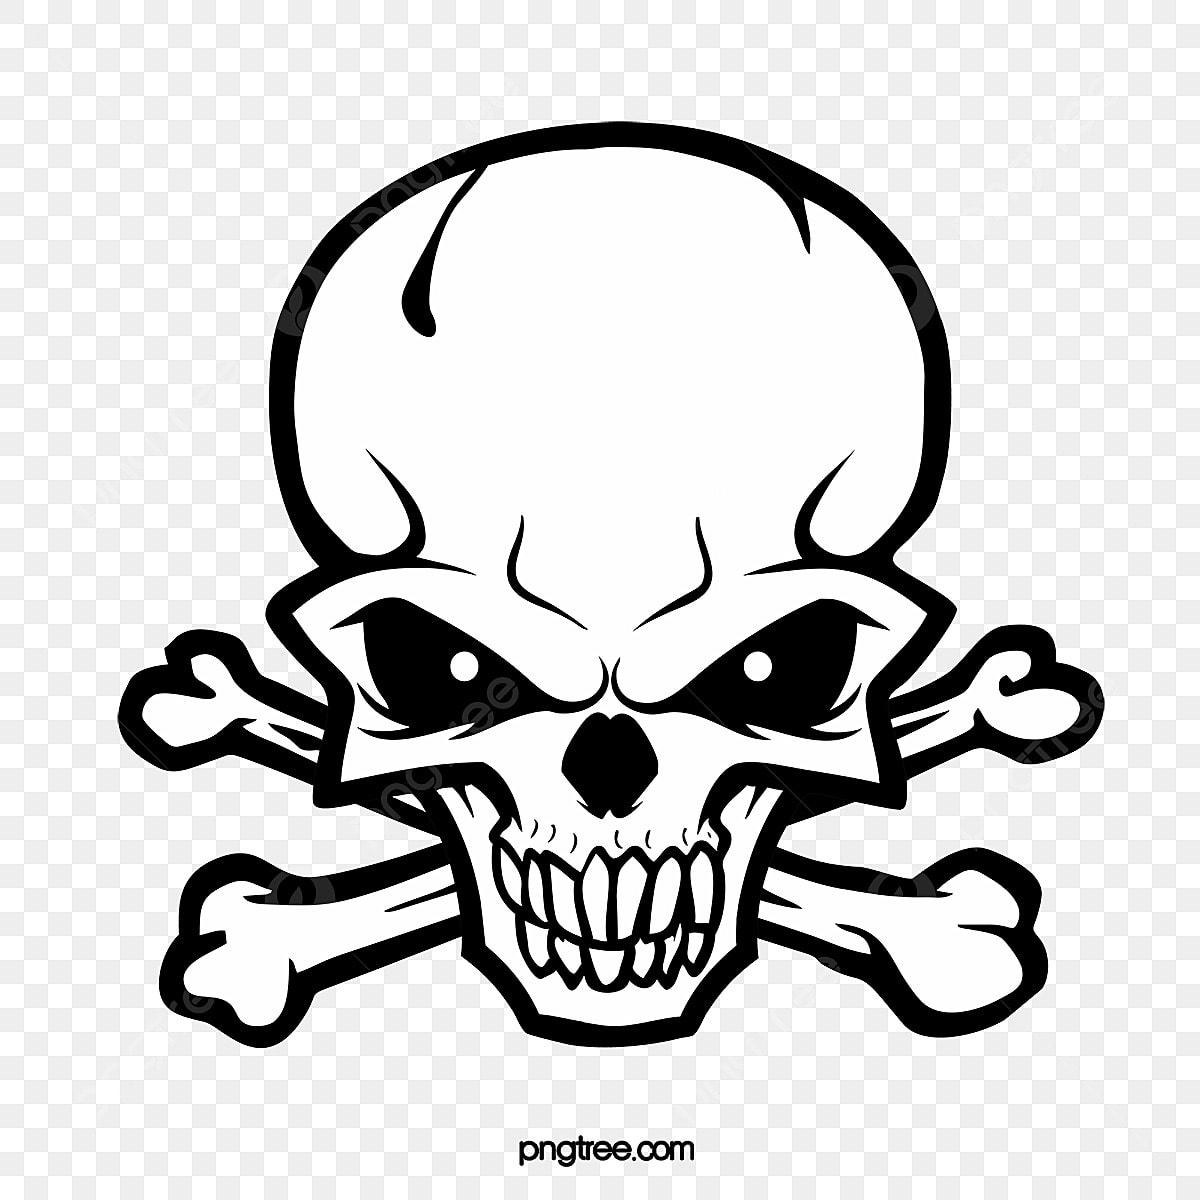 Die Schwarz Weiße Linien Totenkopf Logo Hand Monochrome